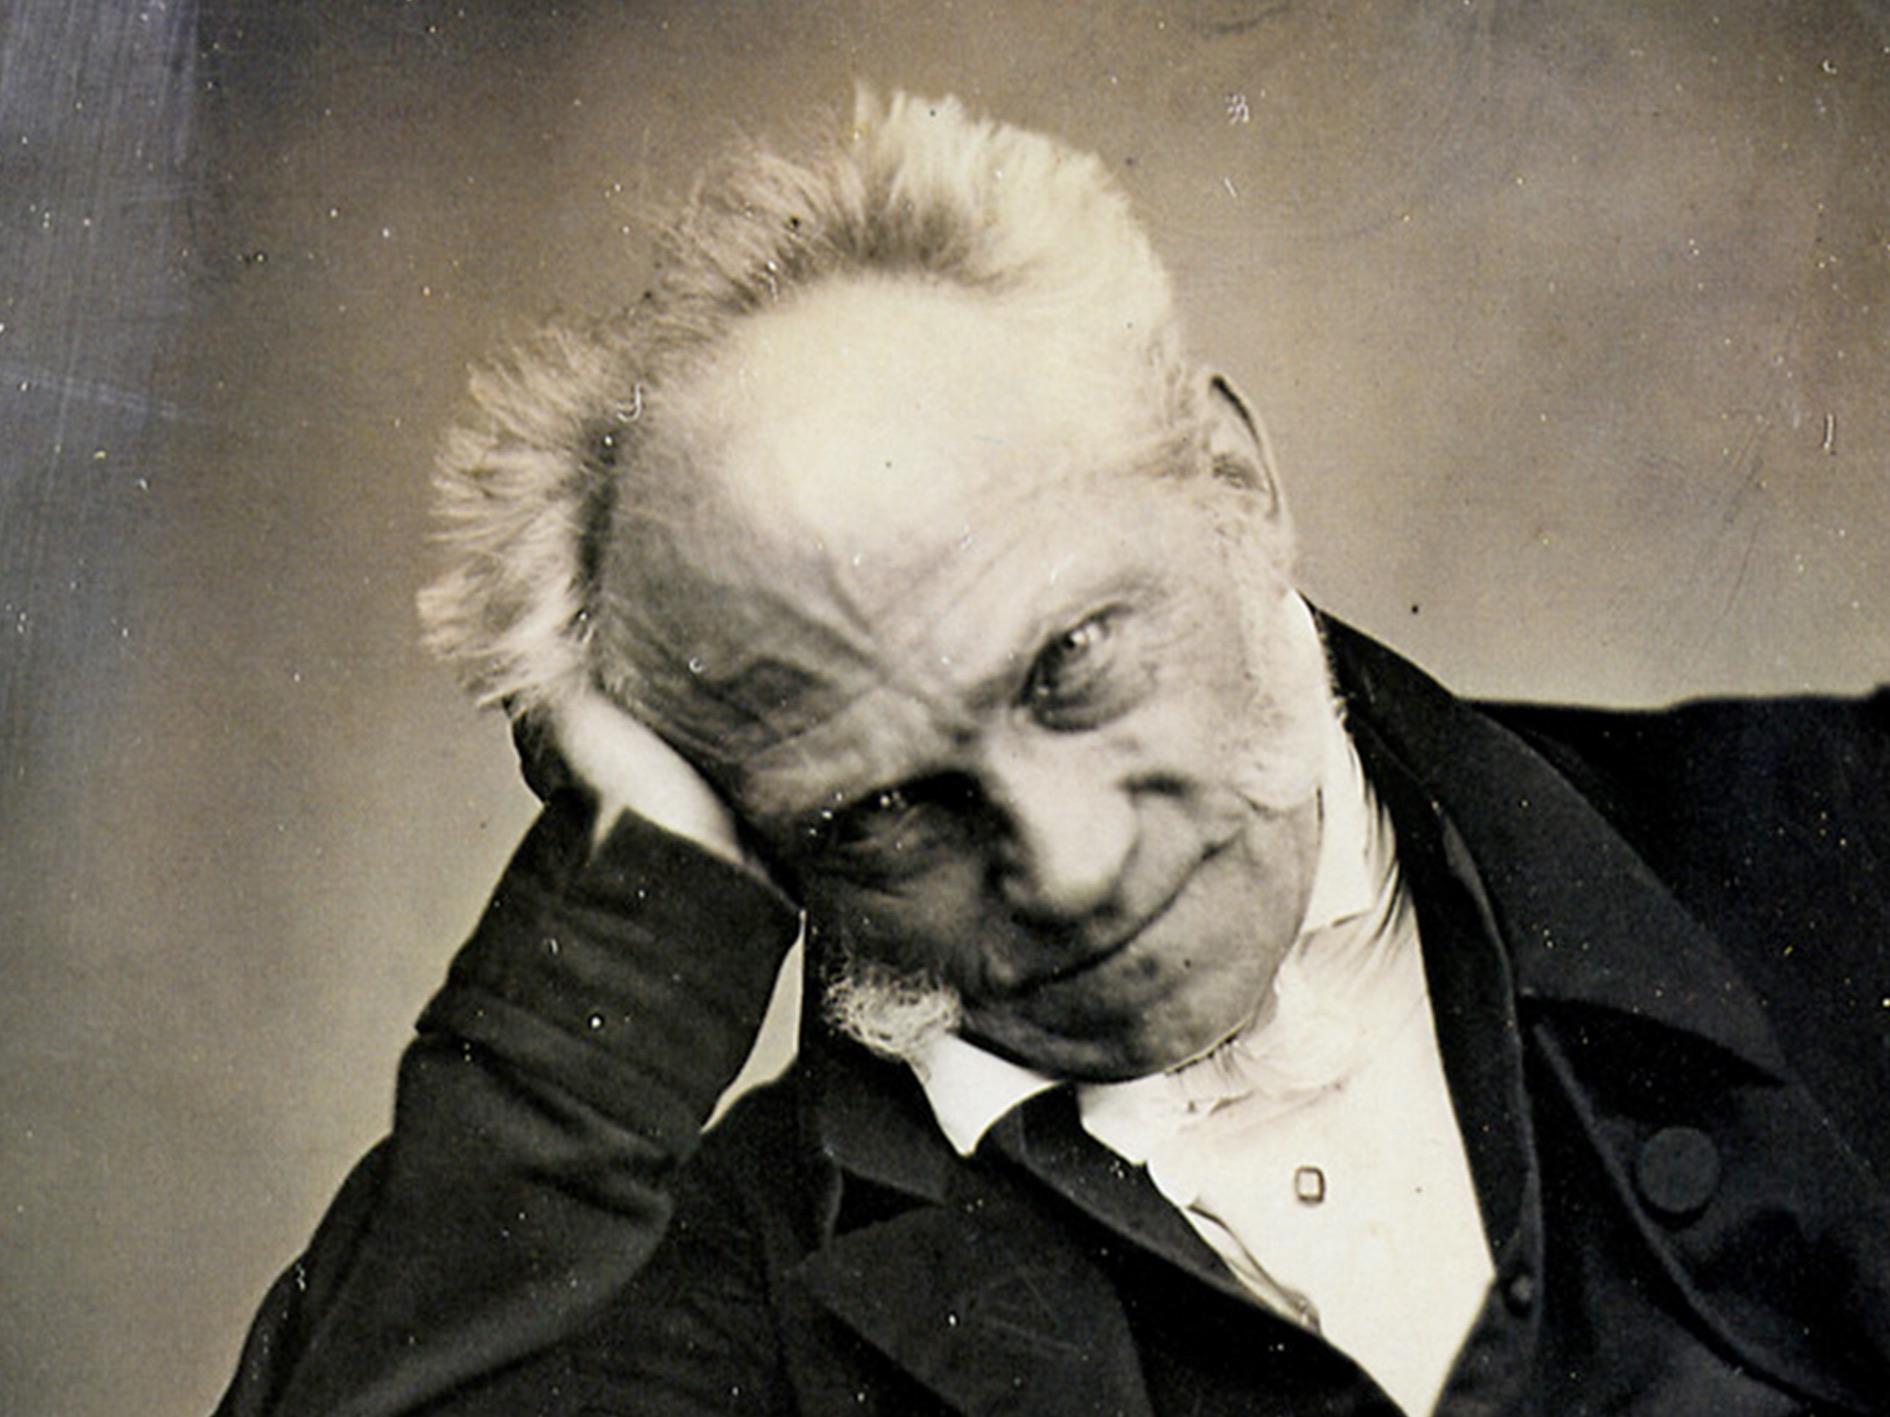 Frei nach Schopenhauer